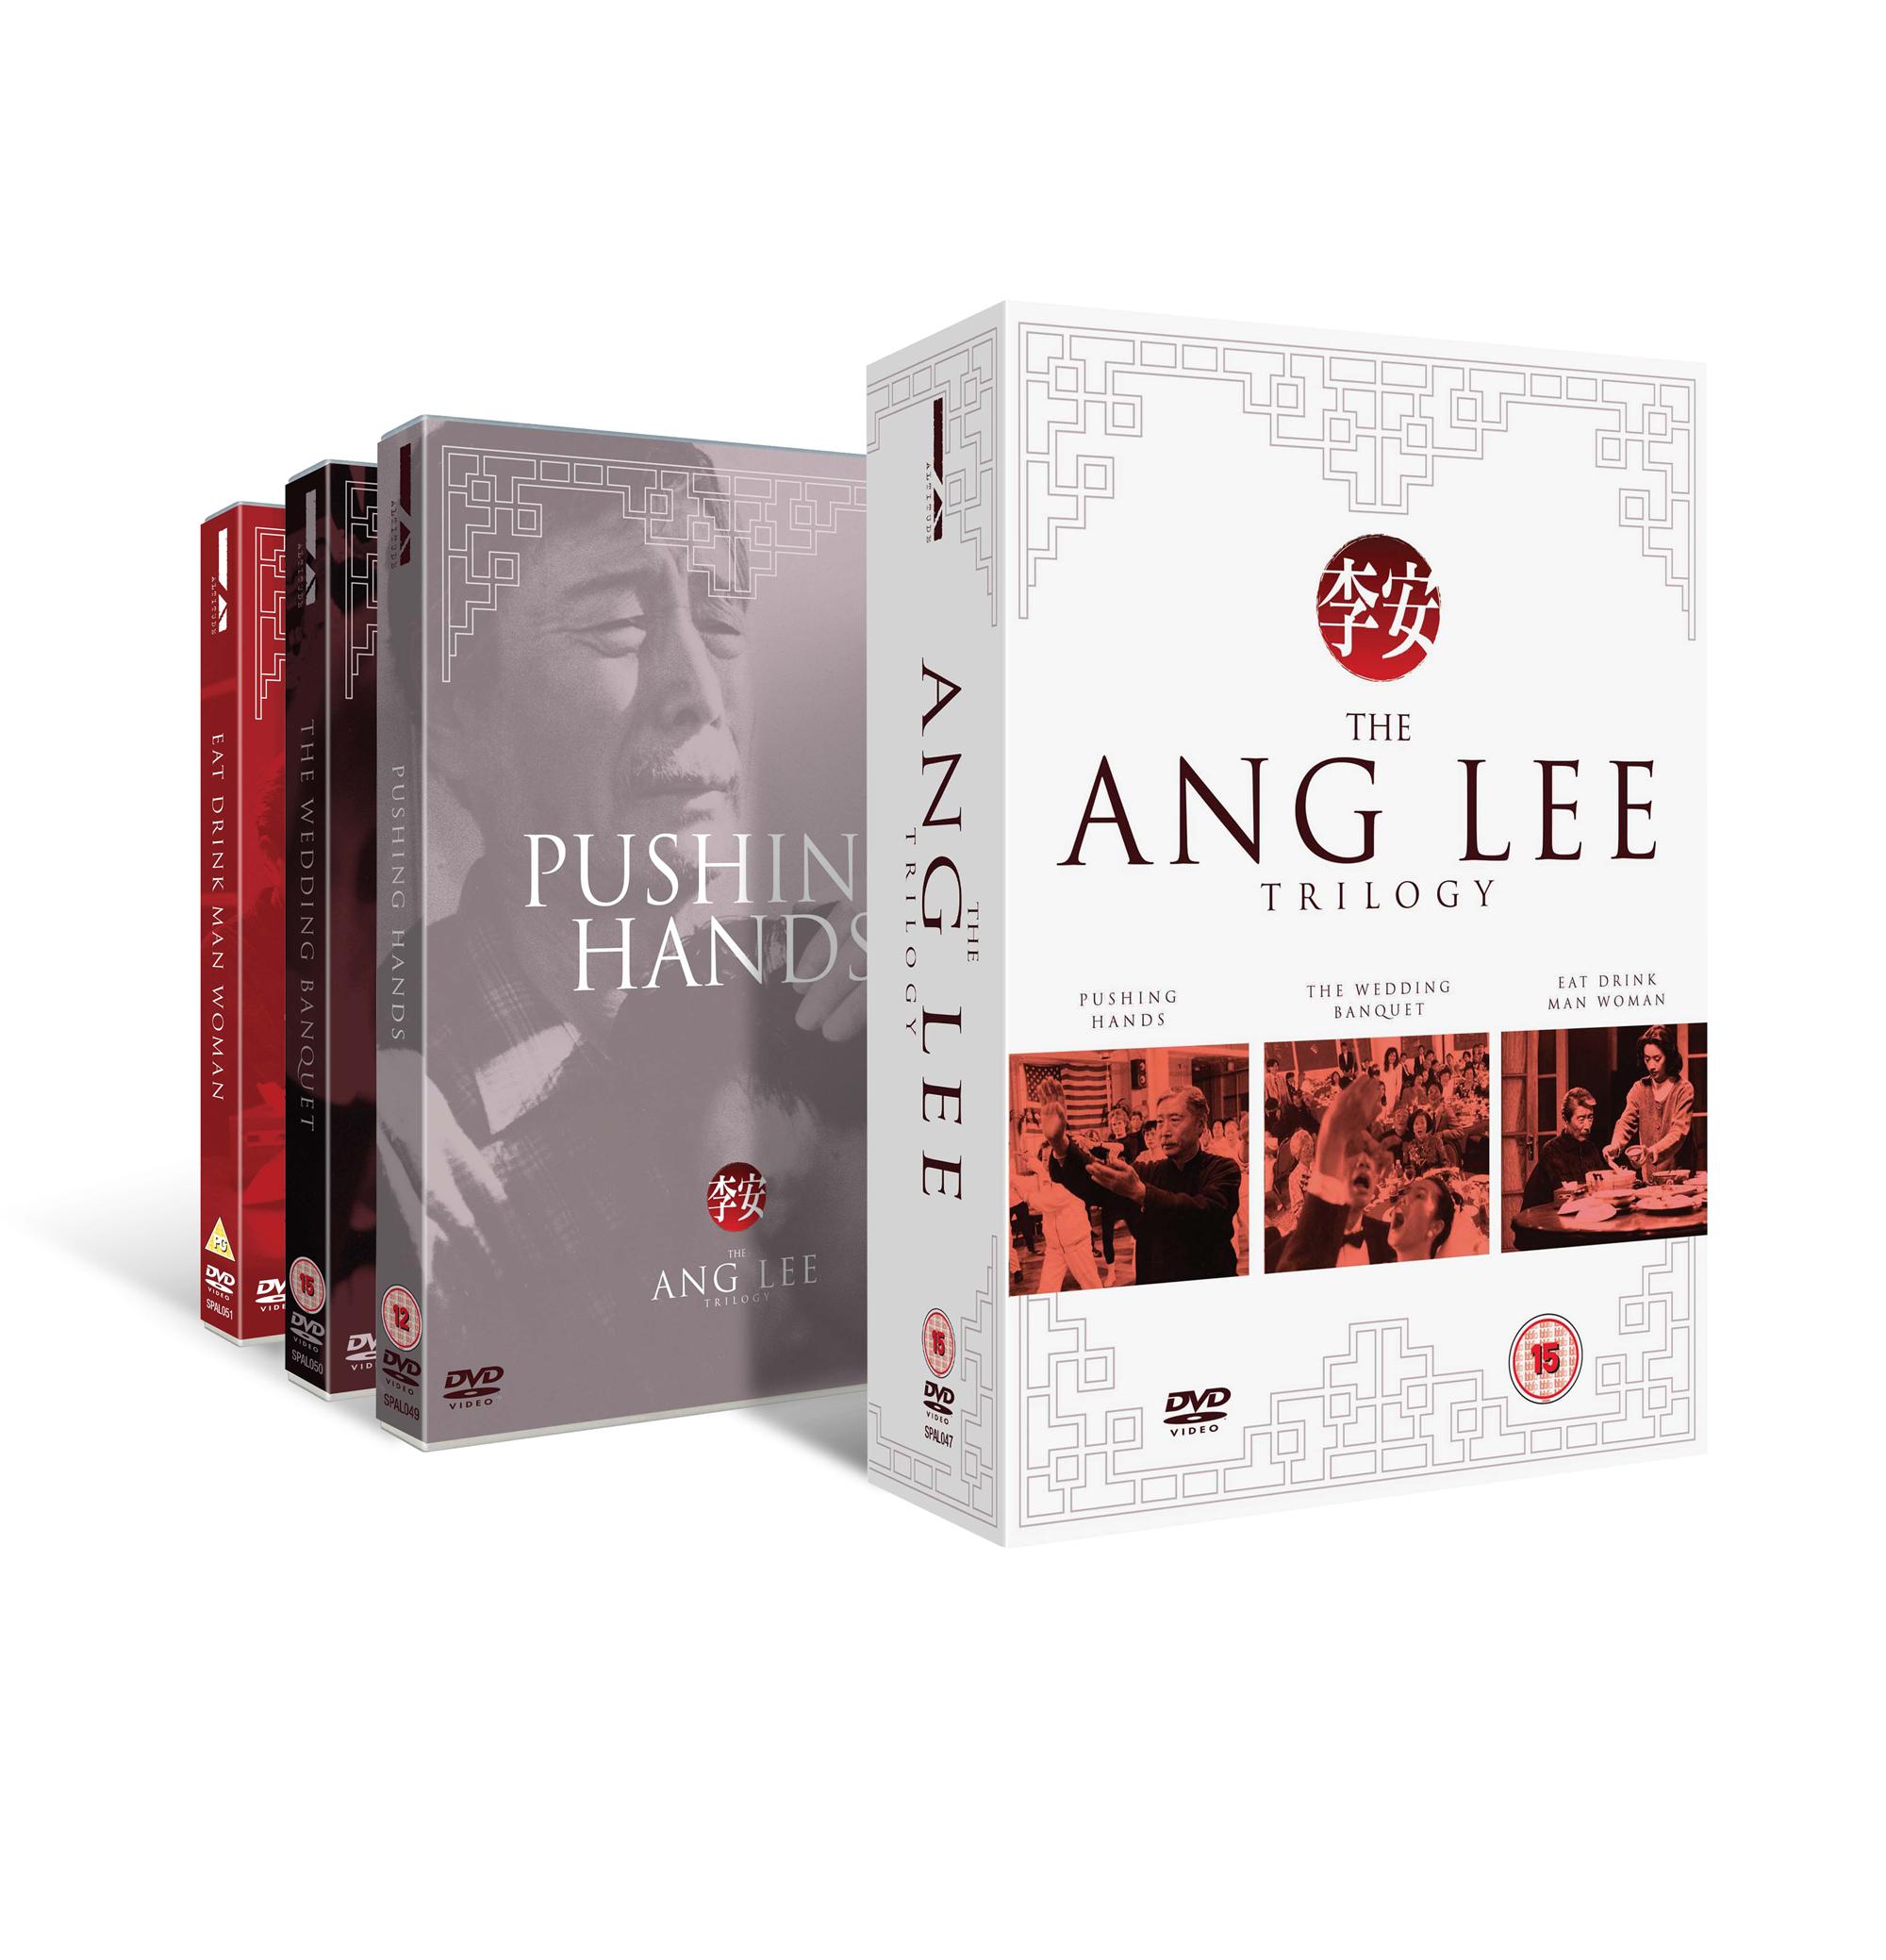 Ang-Lee-3D-Layouts